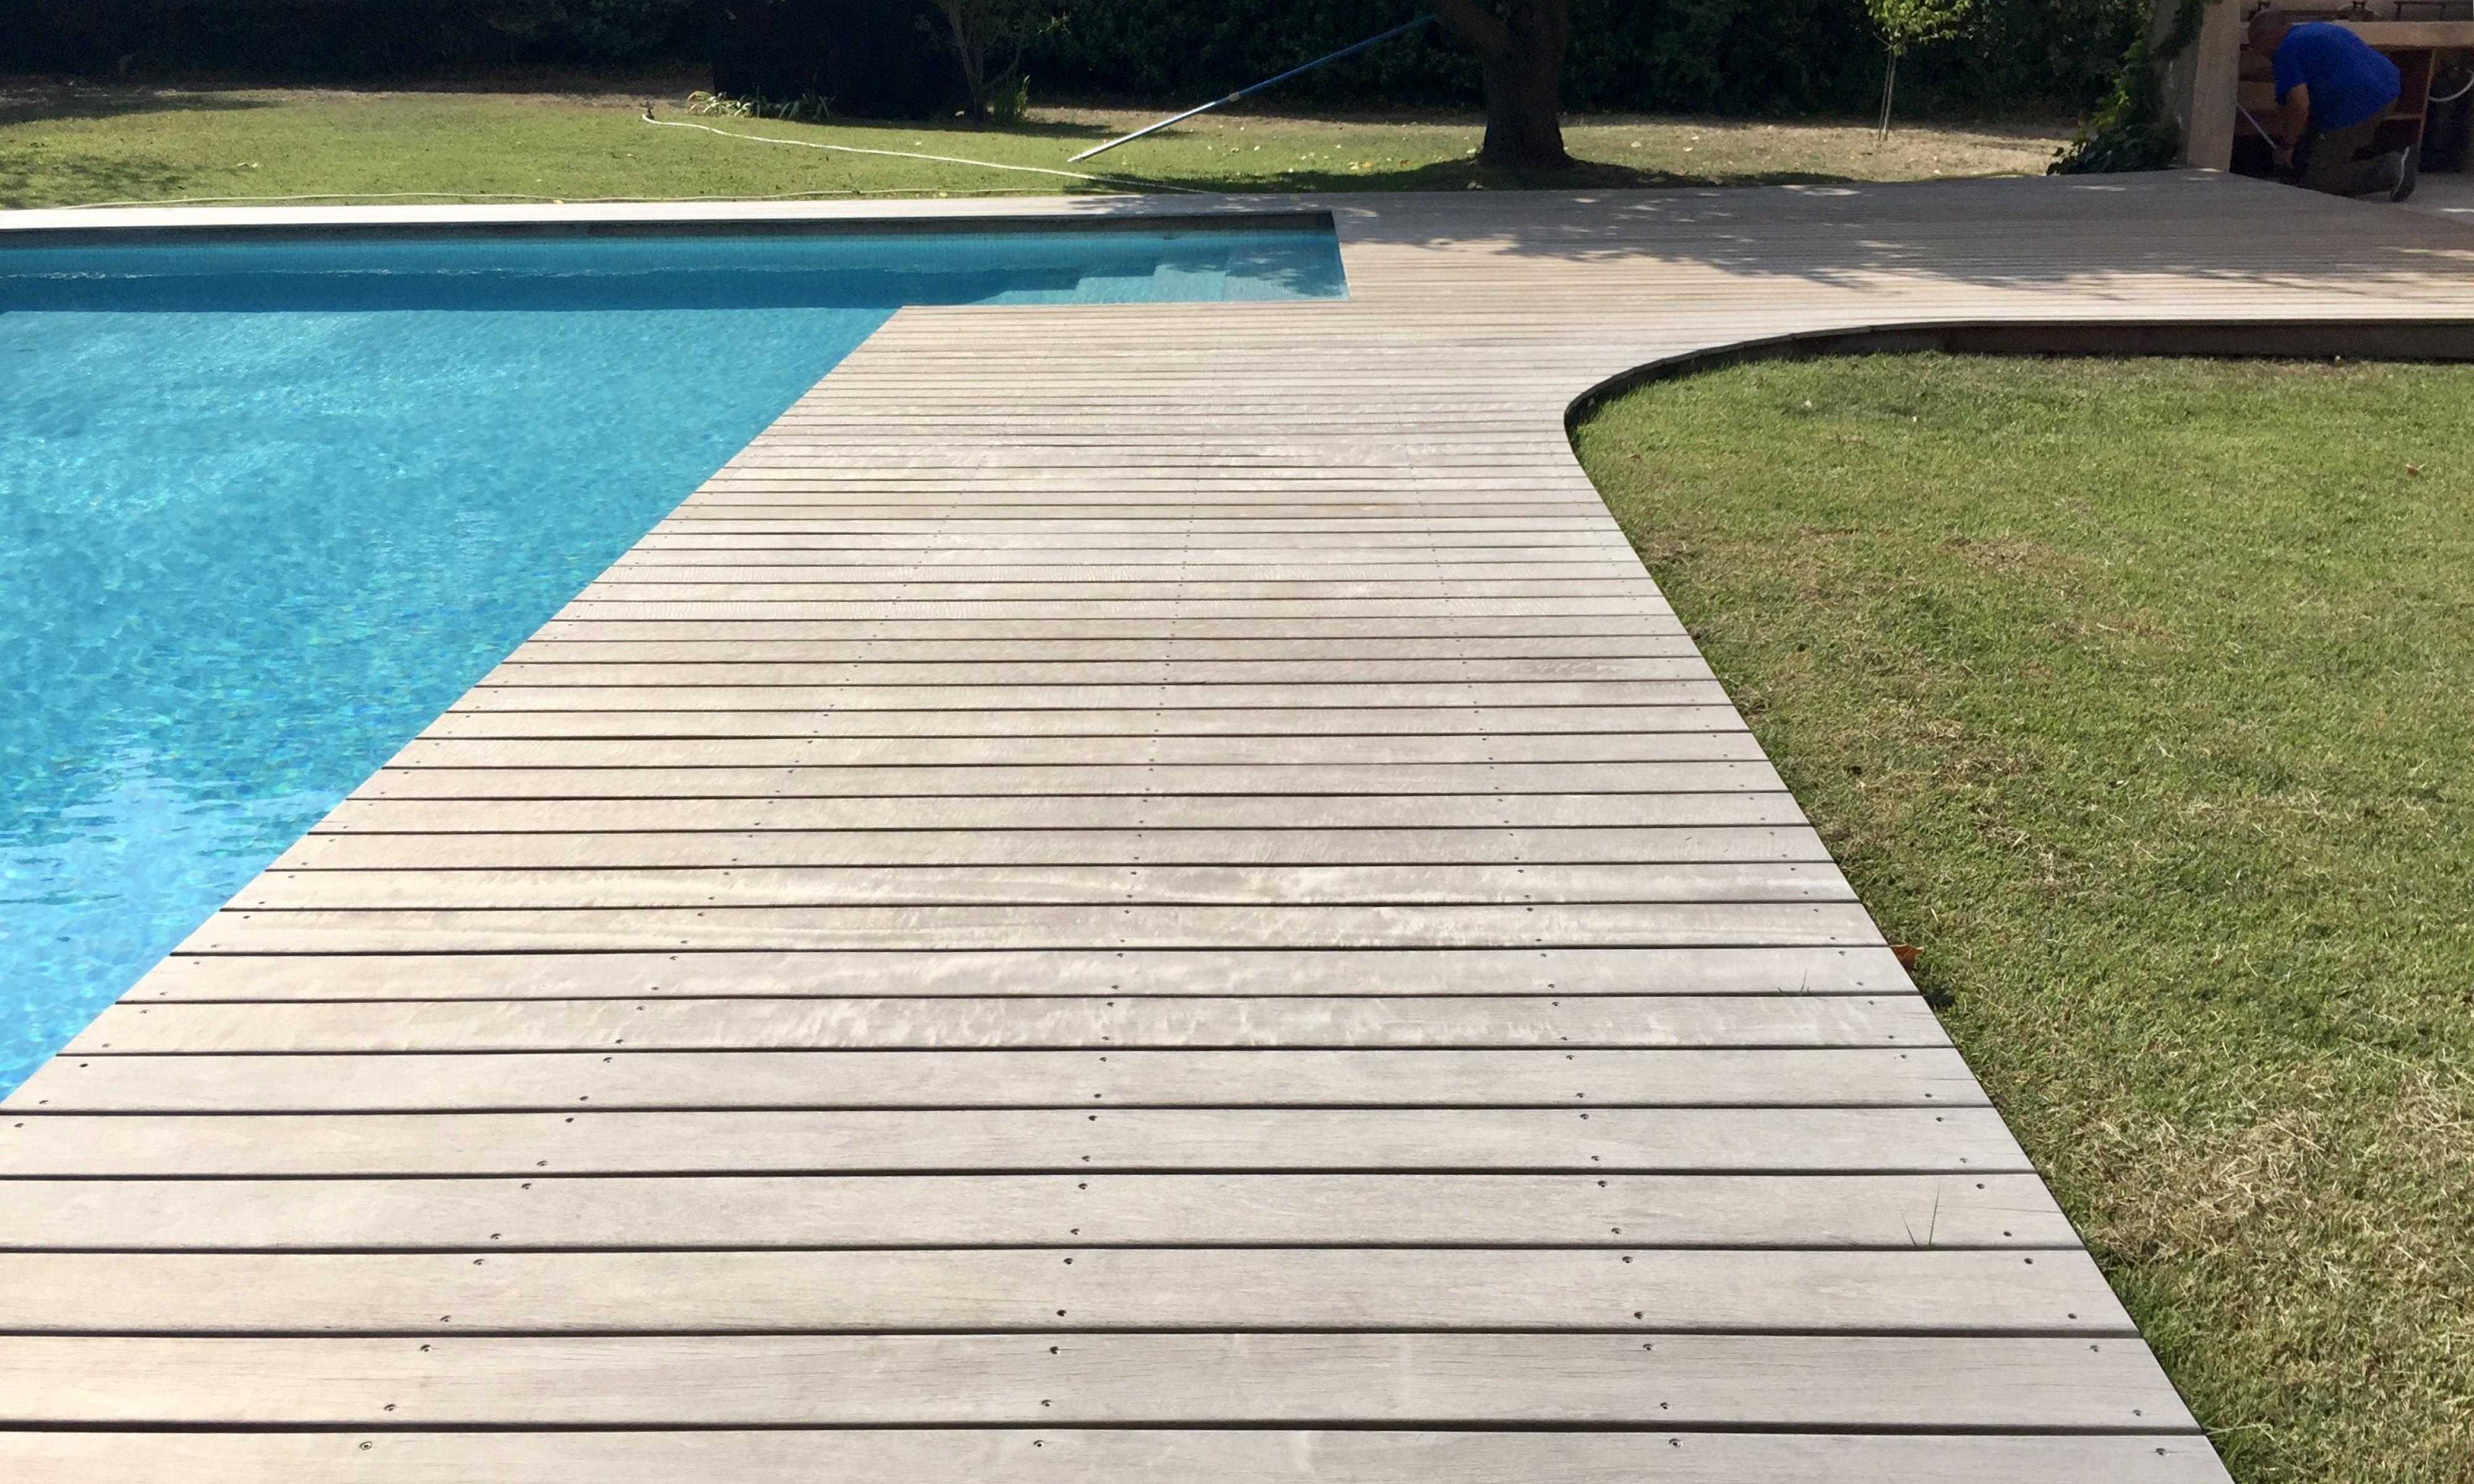 Conception de terrasse en bois aix en provence teck - Amenagement piscine bois aixen provence ...